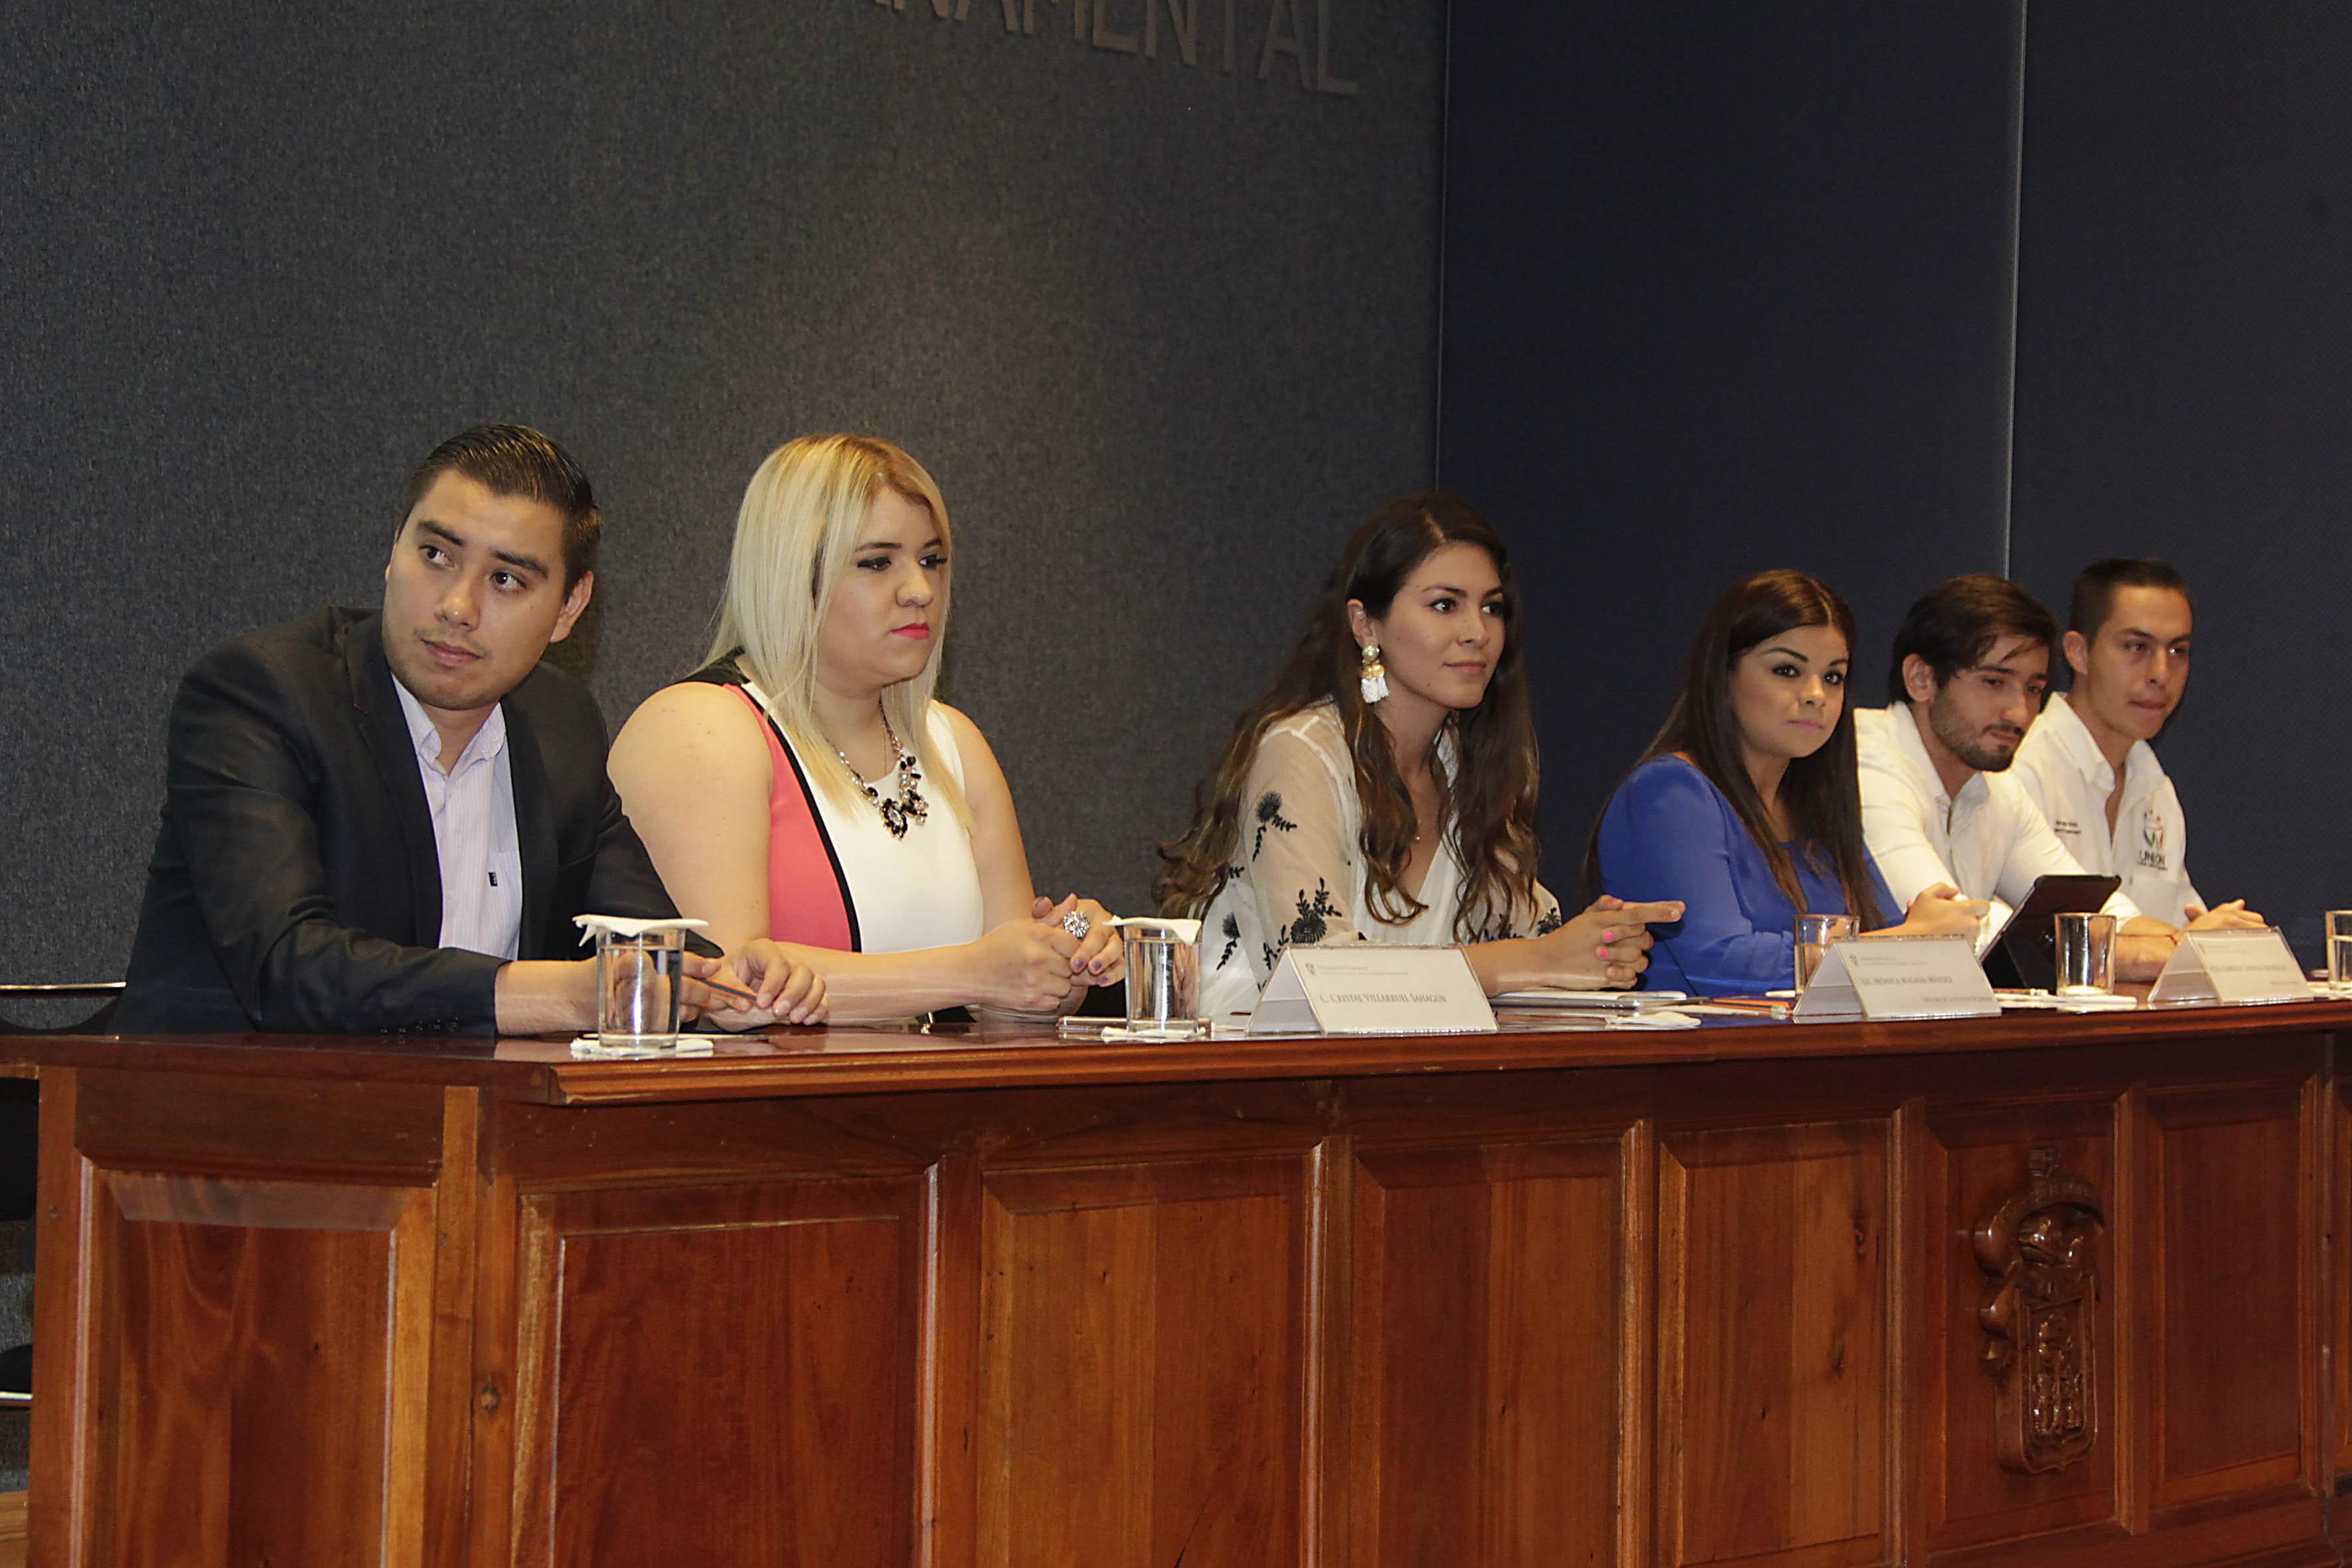 """Conferencia """"Retos de la administración gubernamental en Zapopan"""" en la V  Semana del Administrador Gubernamental que organiza el Centro Universitario de Ciencias Económico Administrativas (CUCEA), de la Universidad de Guadalajara."""